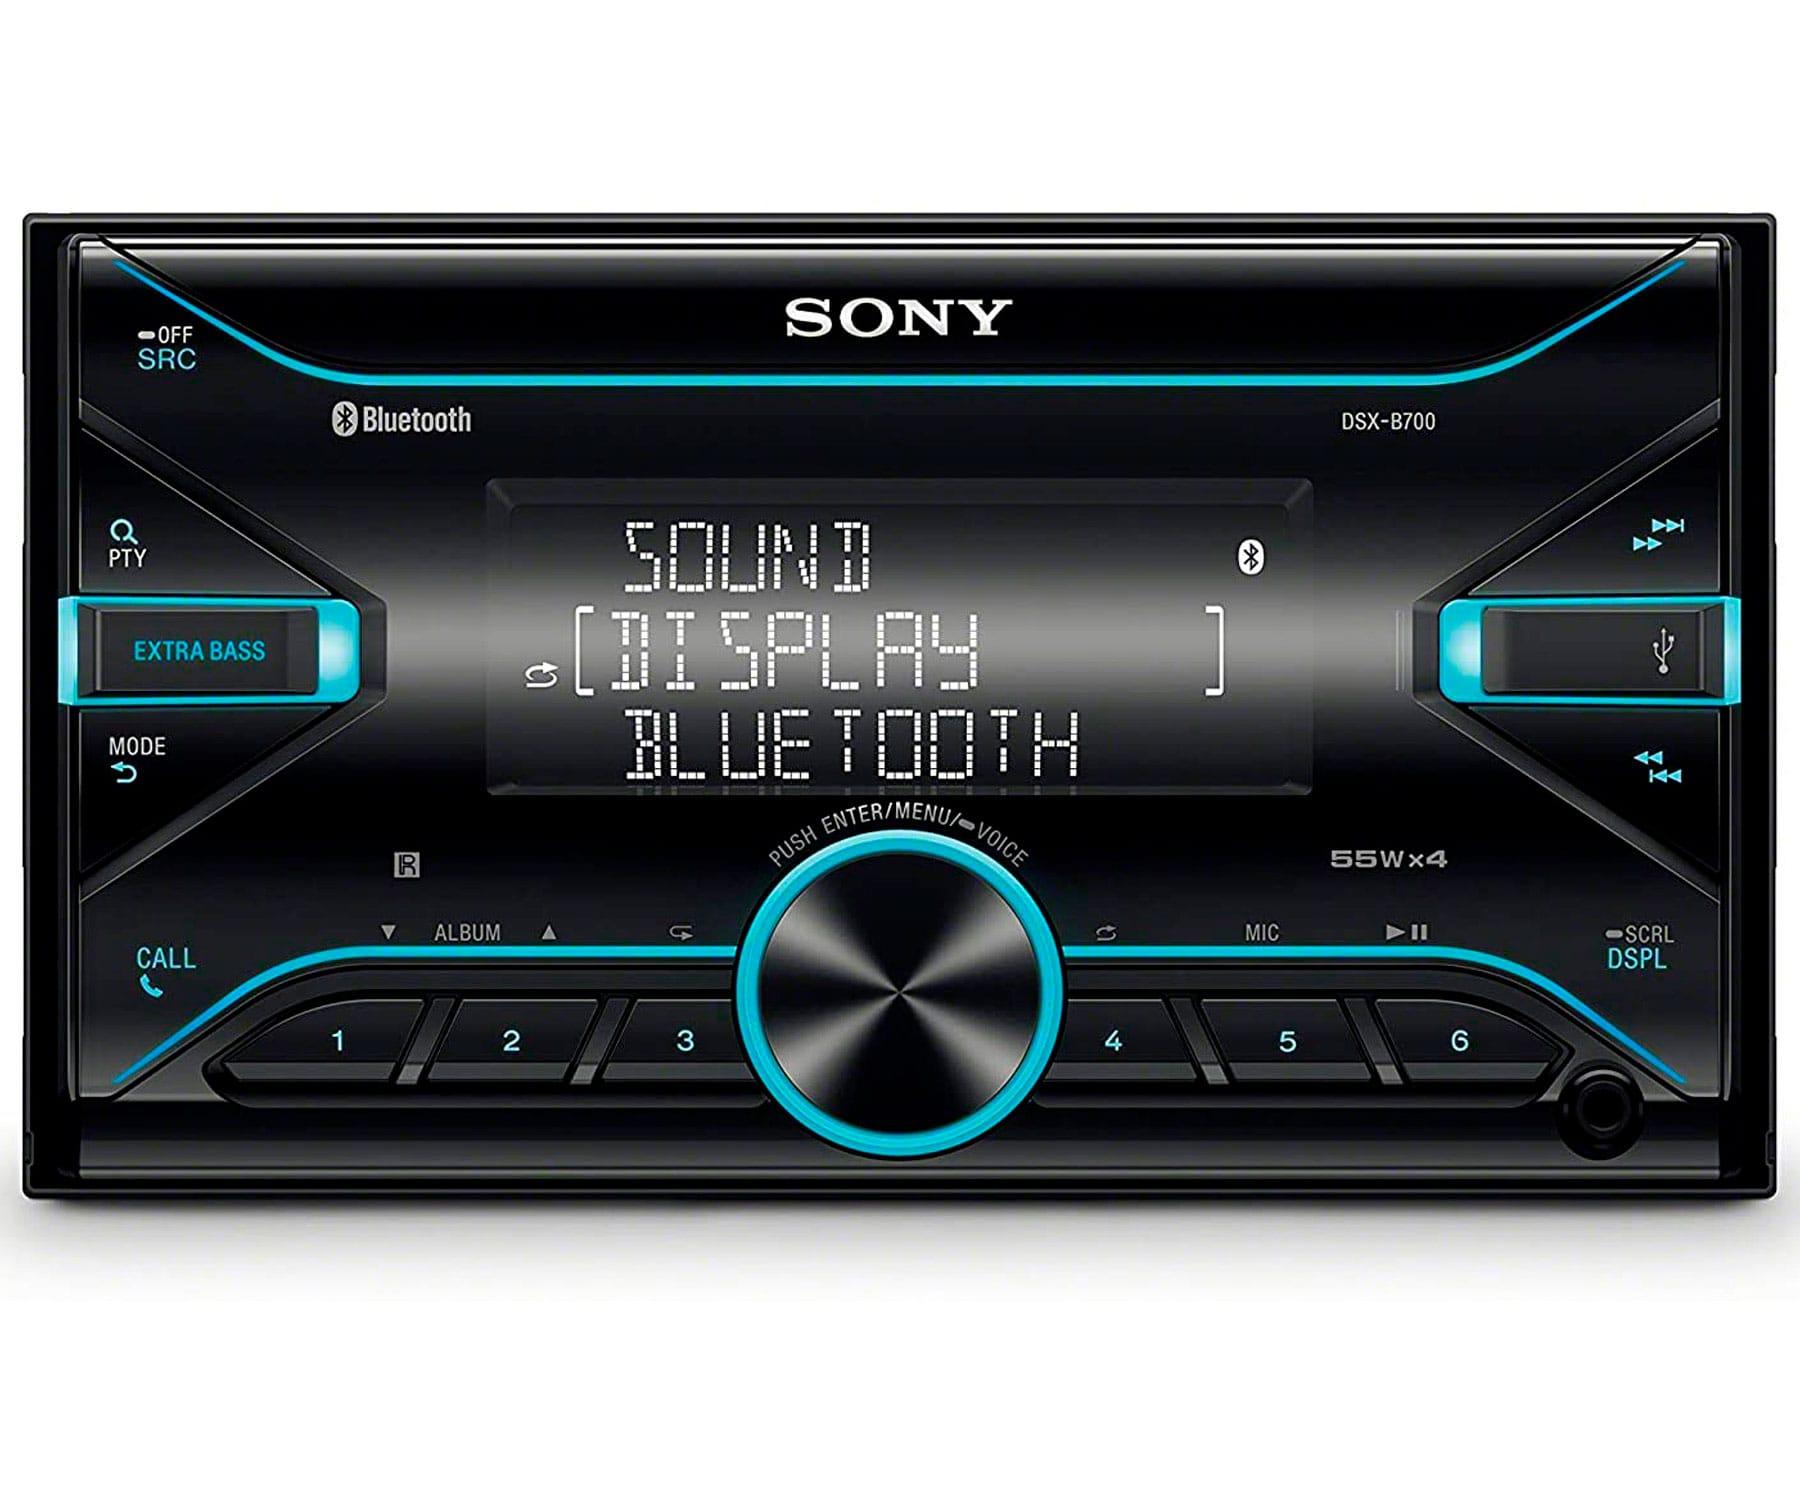 SONY DSX-B700 RECEPTOR MULTIMEDIA DIN DOBLE BLUETOOTH 4x55W PARA EL COCHE CON CONTROL POR VOZ EXTRABASS USB AUX